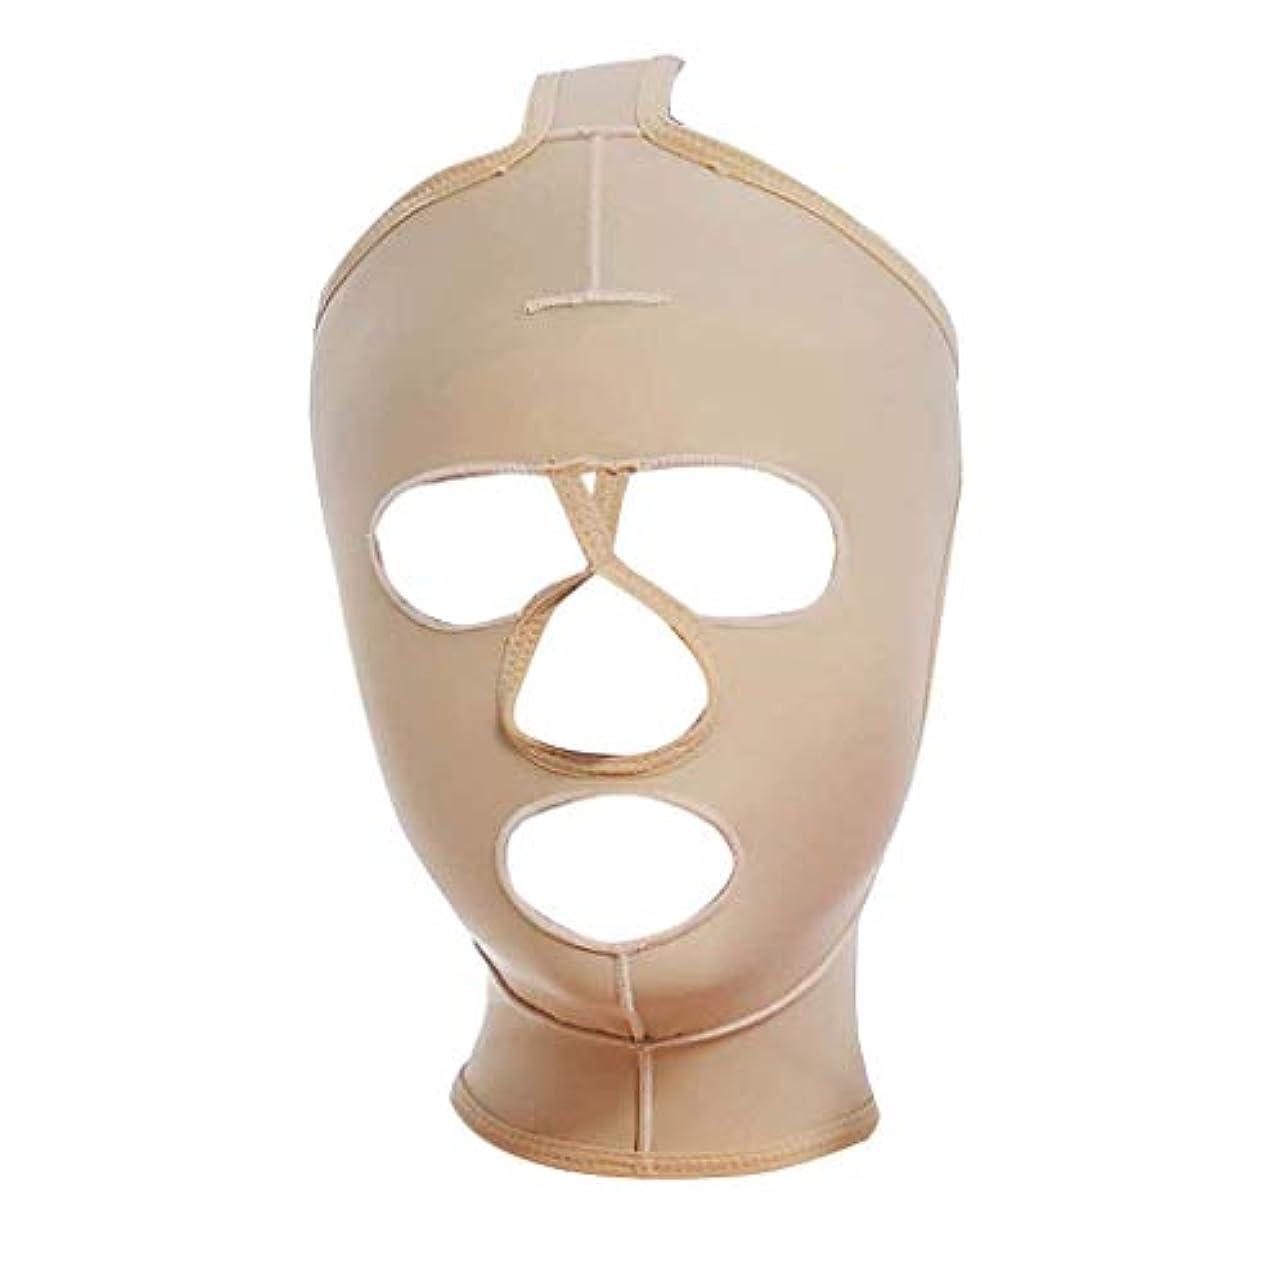 ジュース窒素ヒステリックフェイス&ネックリフト、減量フェイスマスク脂肪吸引術脂肪吸引術整形マスクフードフェイスリフティングアーティファクトVフェイスビームフェイス弾性スリーブ(サイズ:XXL),M